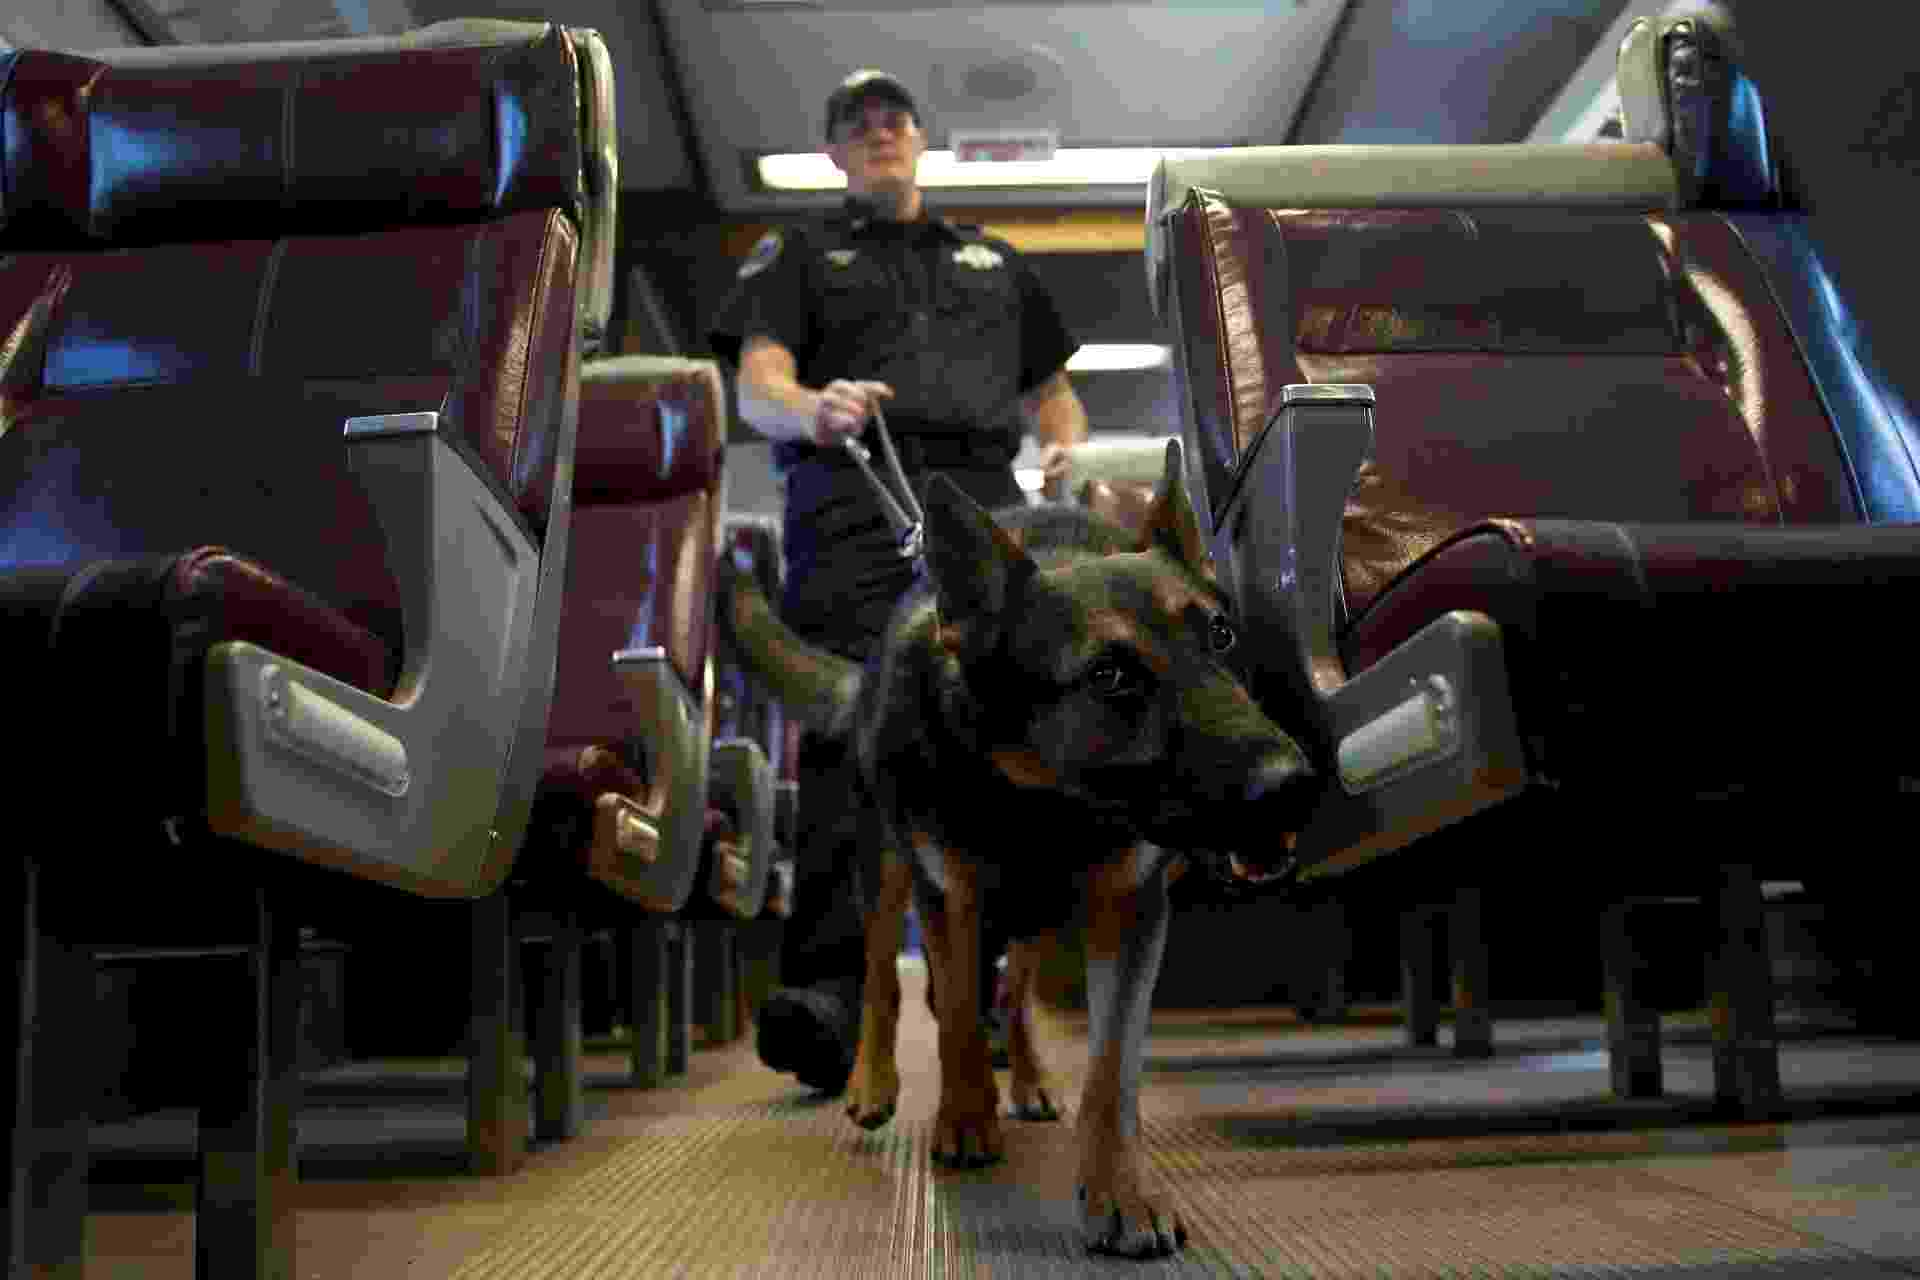 Após 11 de setembro, cresce demanda por cães policiais - Mike Segar/Reuters